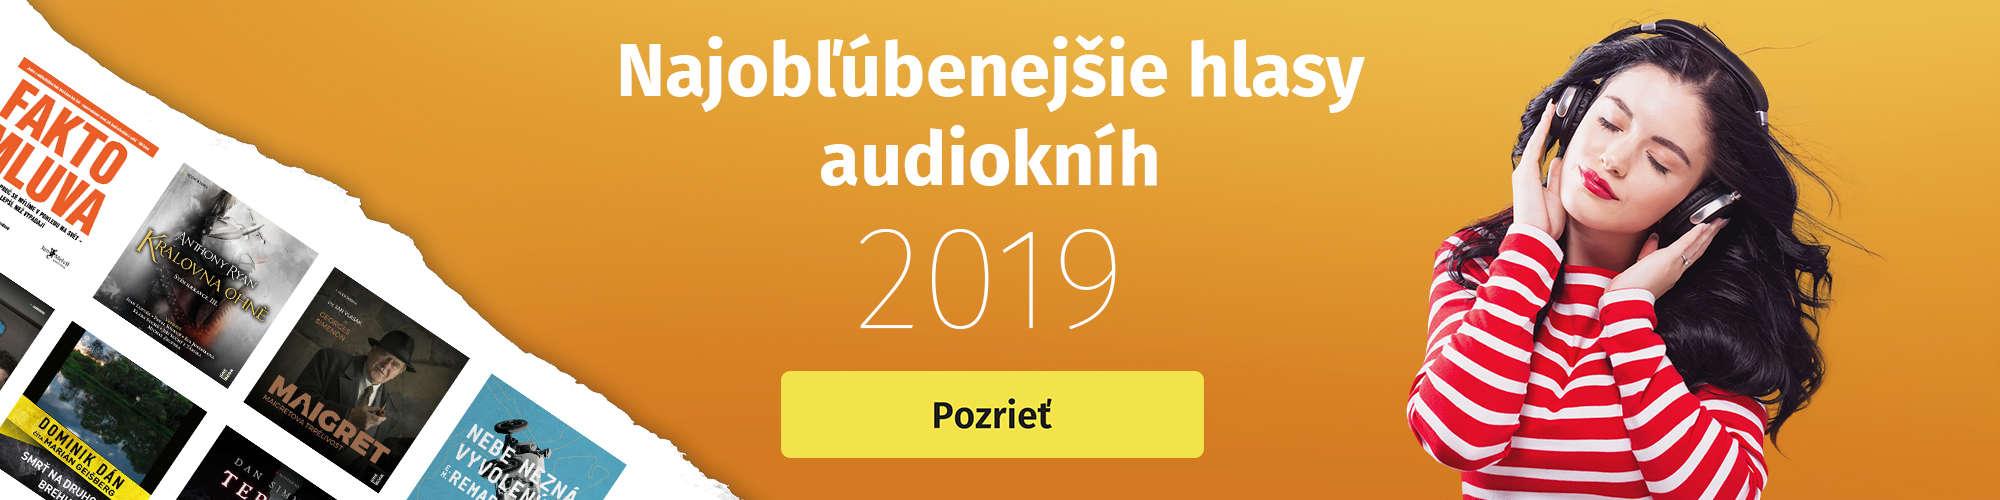 Nejlepší interpreti 2019